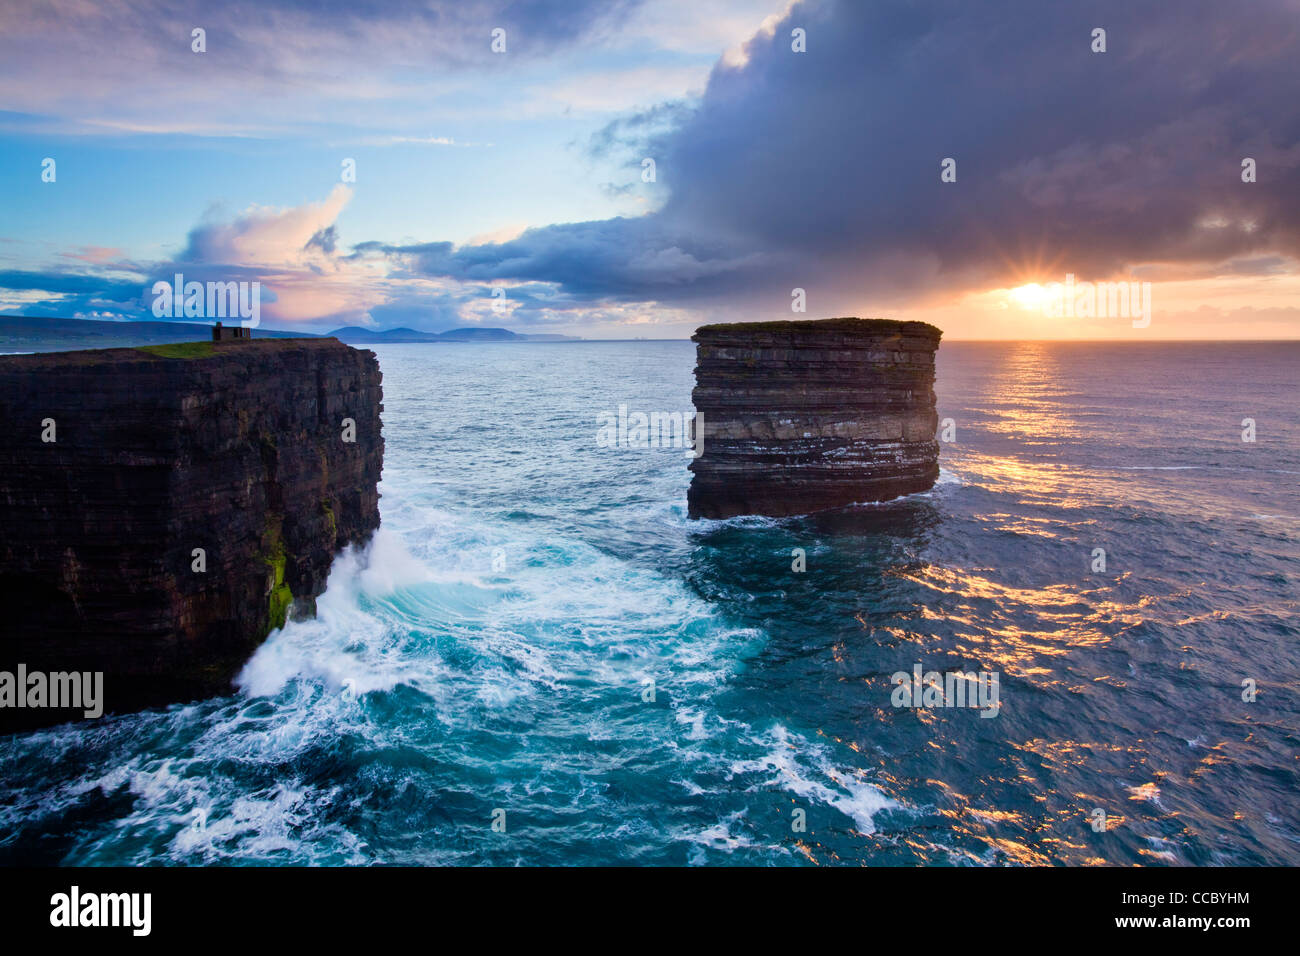 Atardecer en el seastack Briste de Dun, cabeza de Downpatrick, en el condado de Mayo, Irlanda. Foto de stock